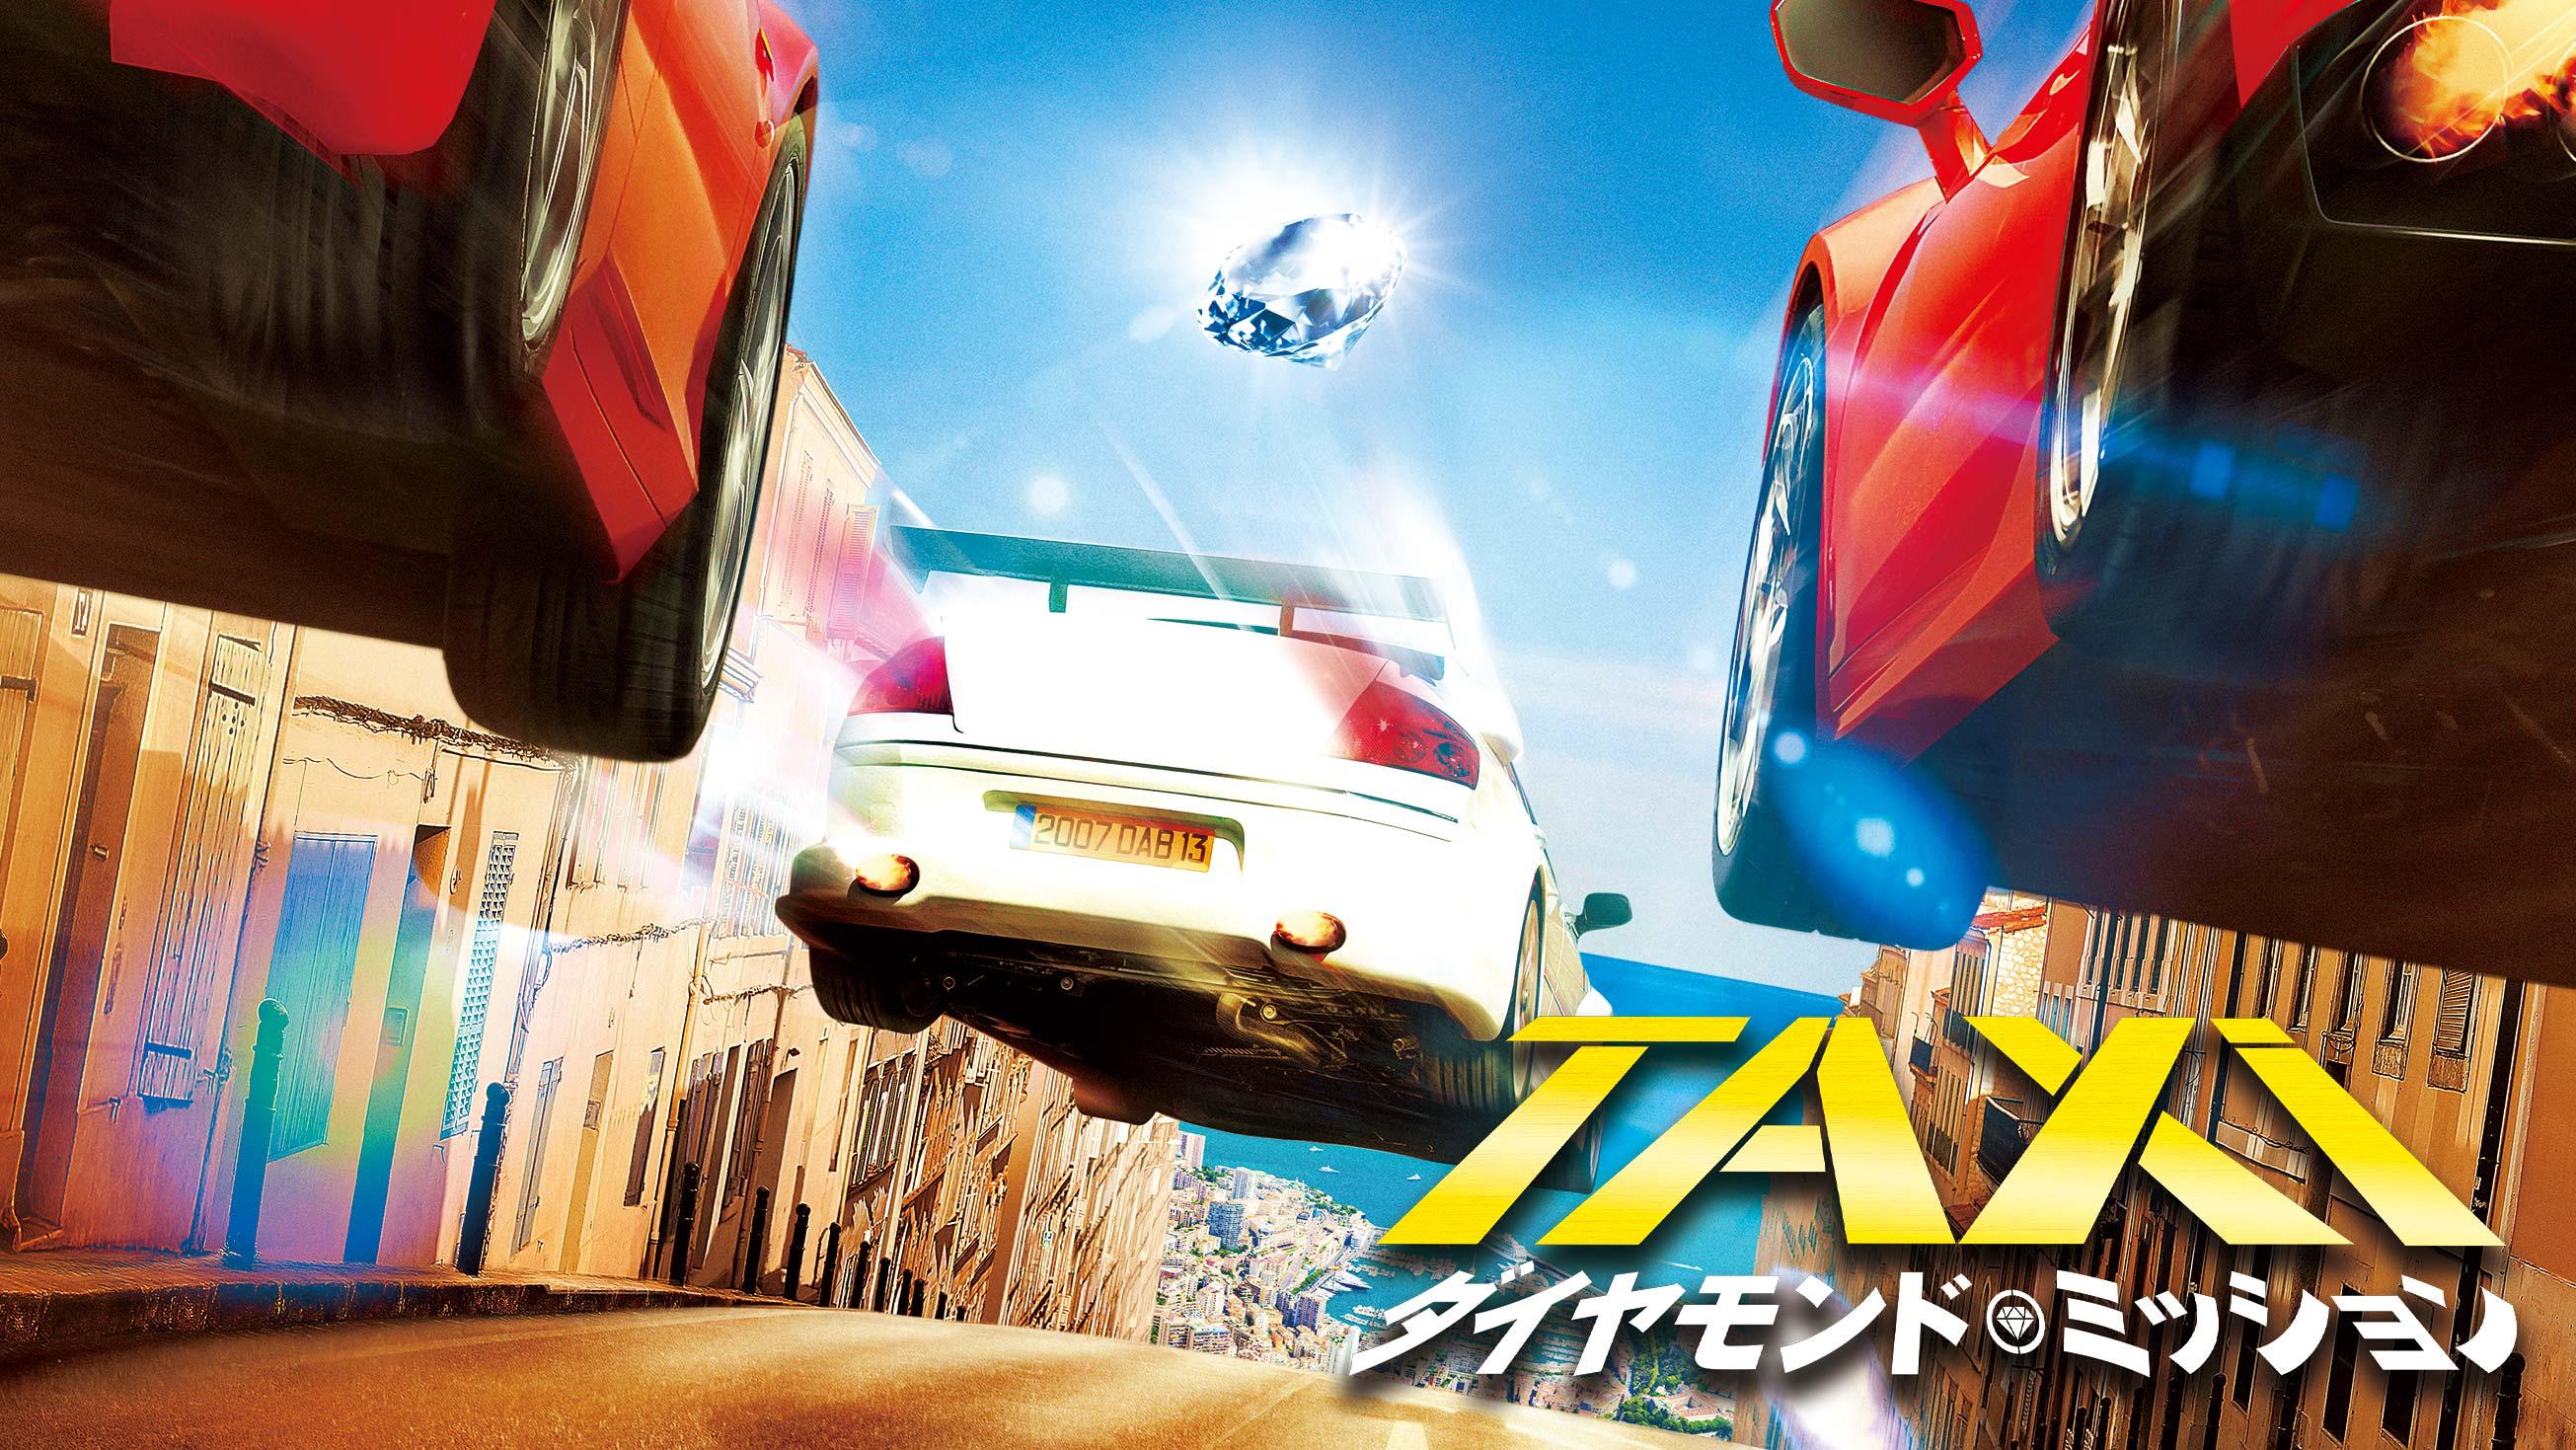 """8月5日はタクシーの日!""""ノリに乗った""""「TAXi」シリーズやロバート秋山さんが運転手役の「闇金ウシジマくん スーパータクシーくん編」など人気のタクシー関連作品が集まった特集ページが登場!"""